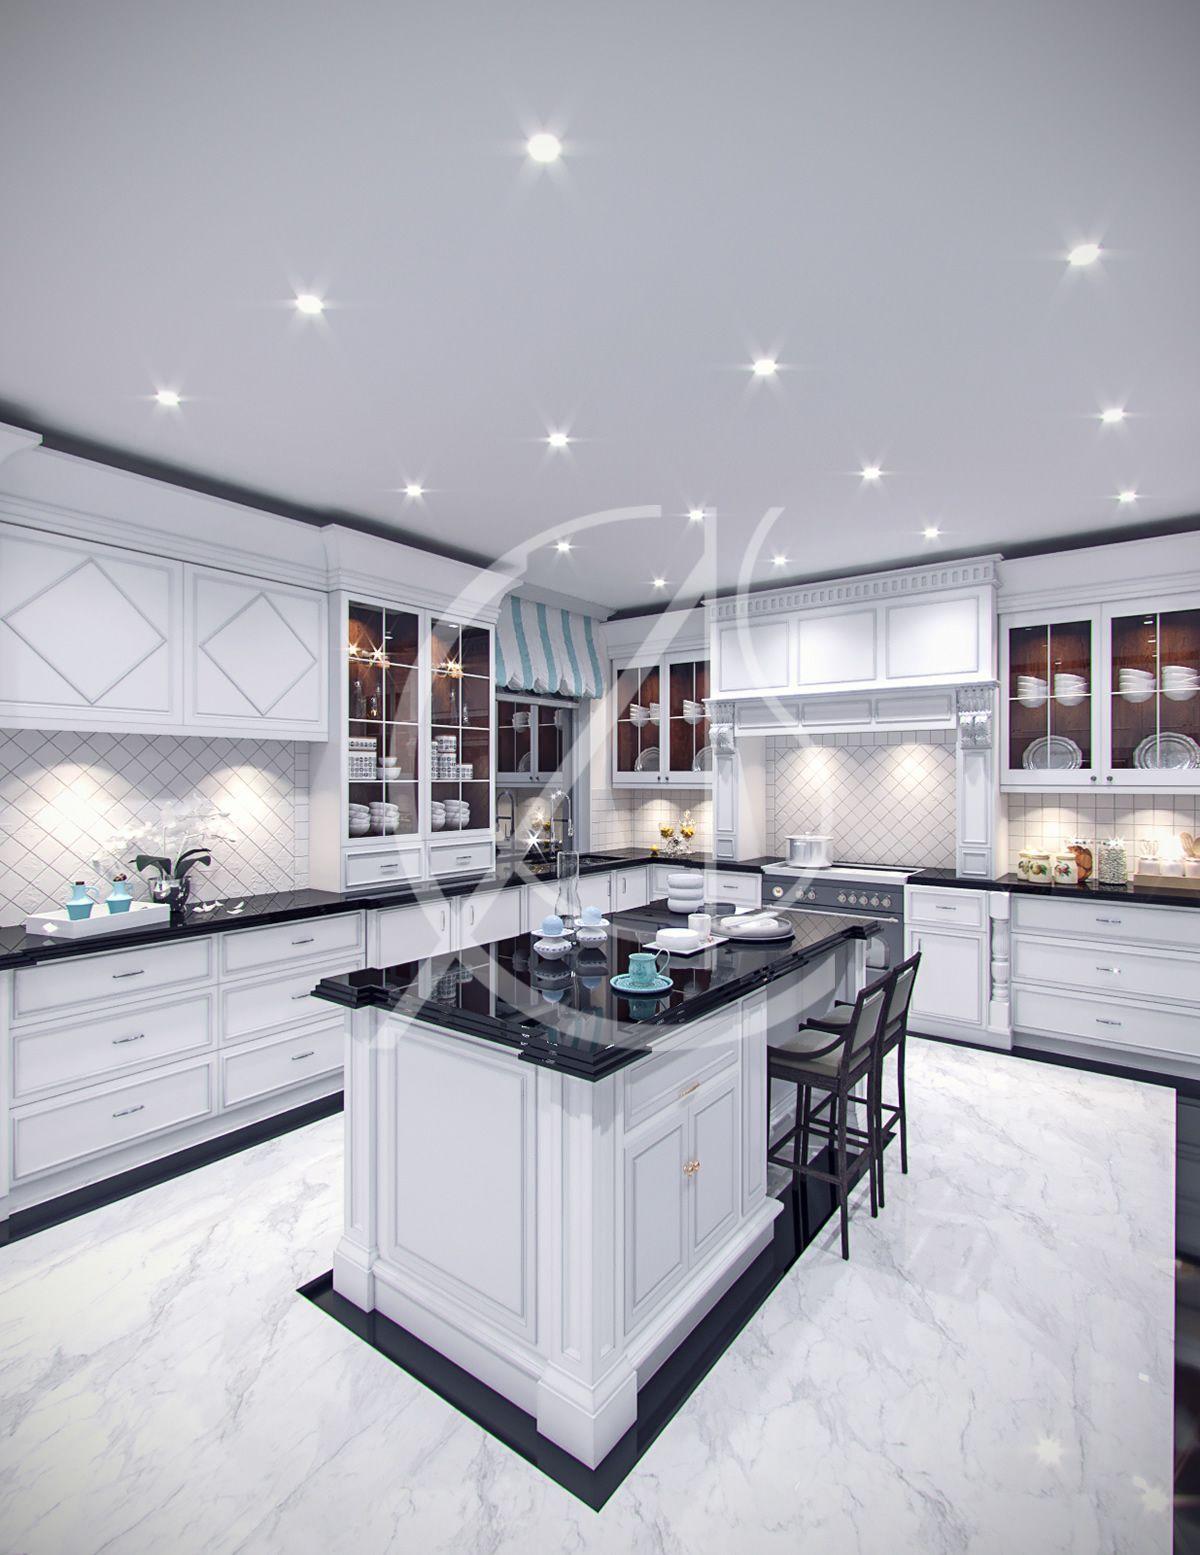 contemporary classic villa design jeddah saudi arabia modern kitchen design interior on kitchen interior classic id=74870